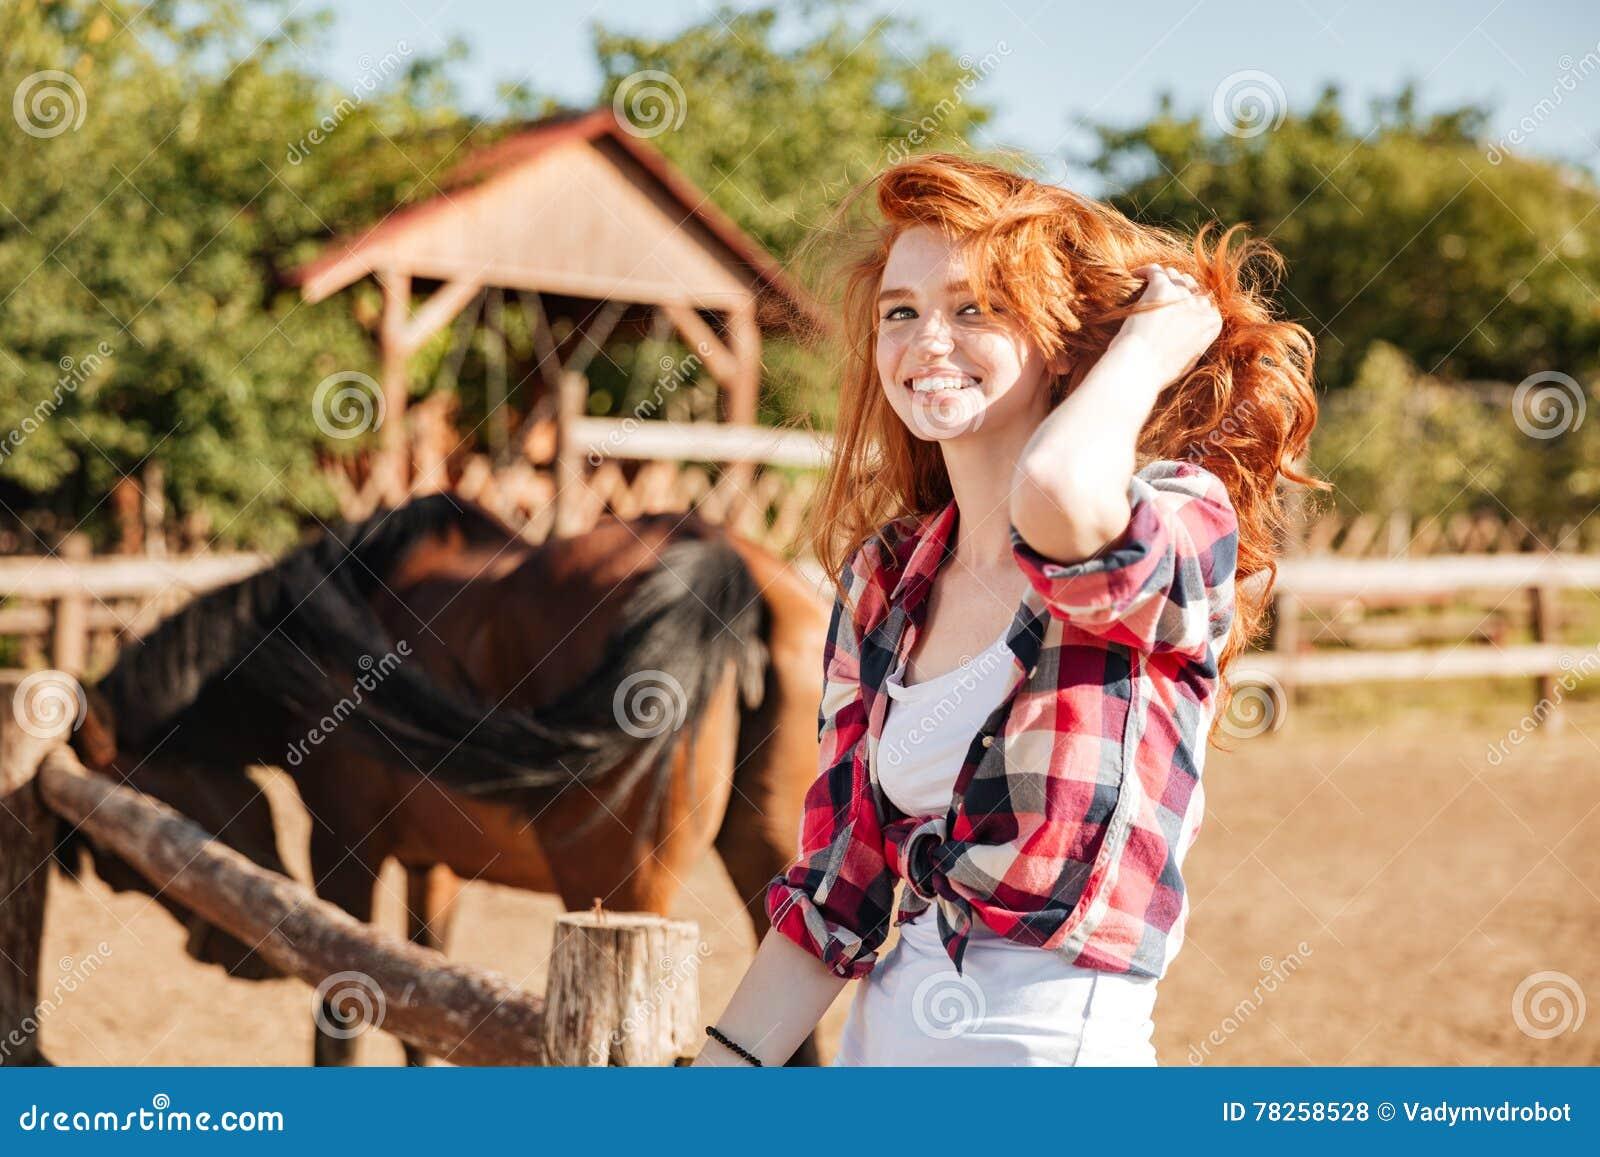 Χαμογελώντας γυναίκα cowgirl με τη συνεδρίαση αλόγων στο αγρόκτημα